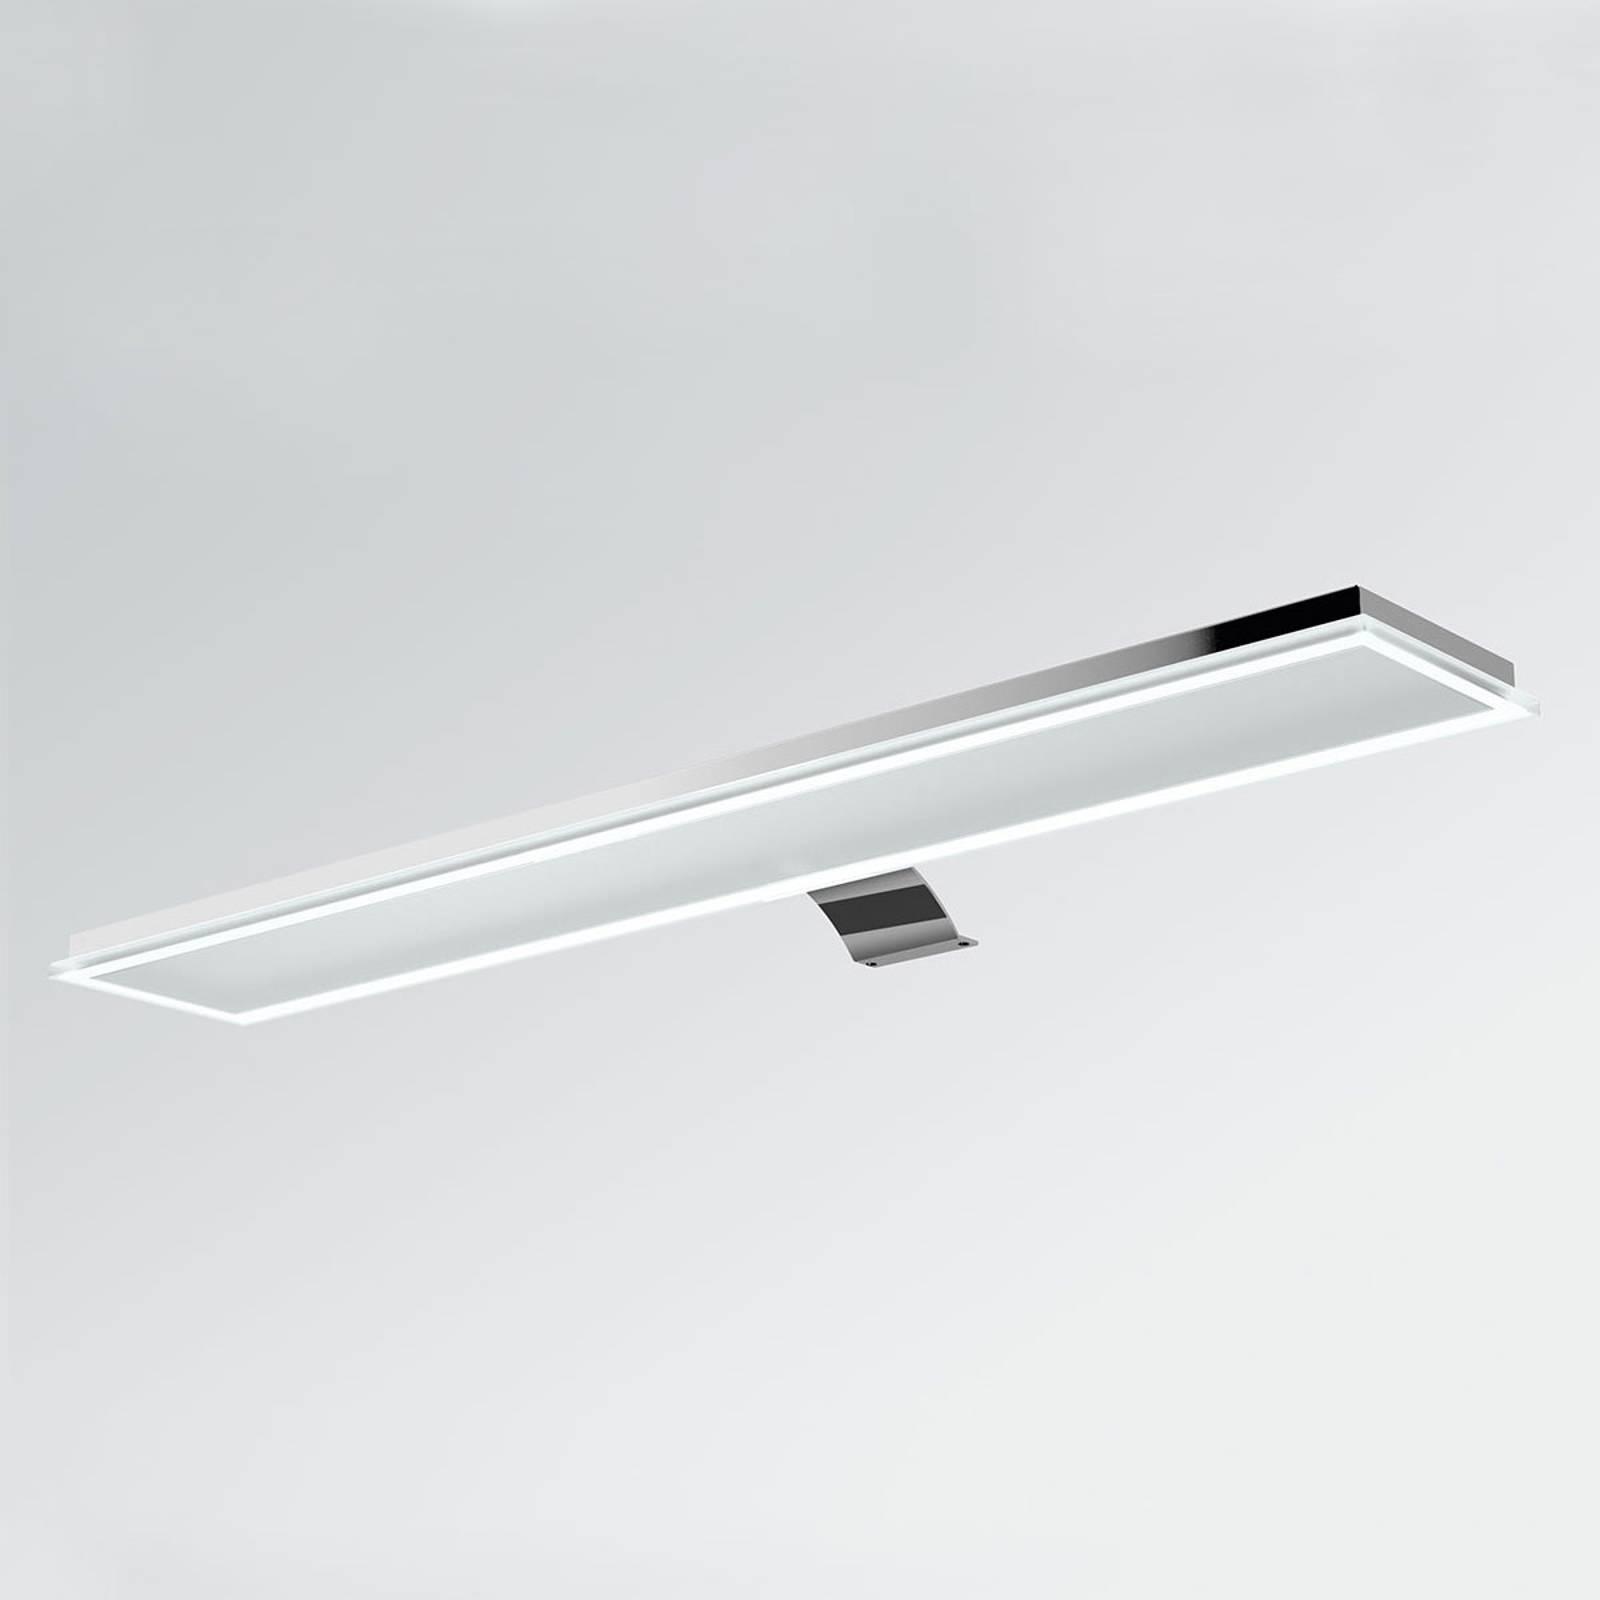 Lampada LED da specchio Palma S